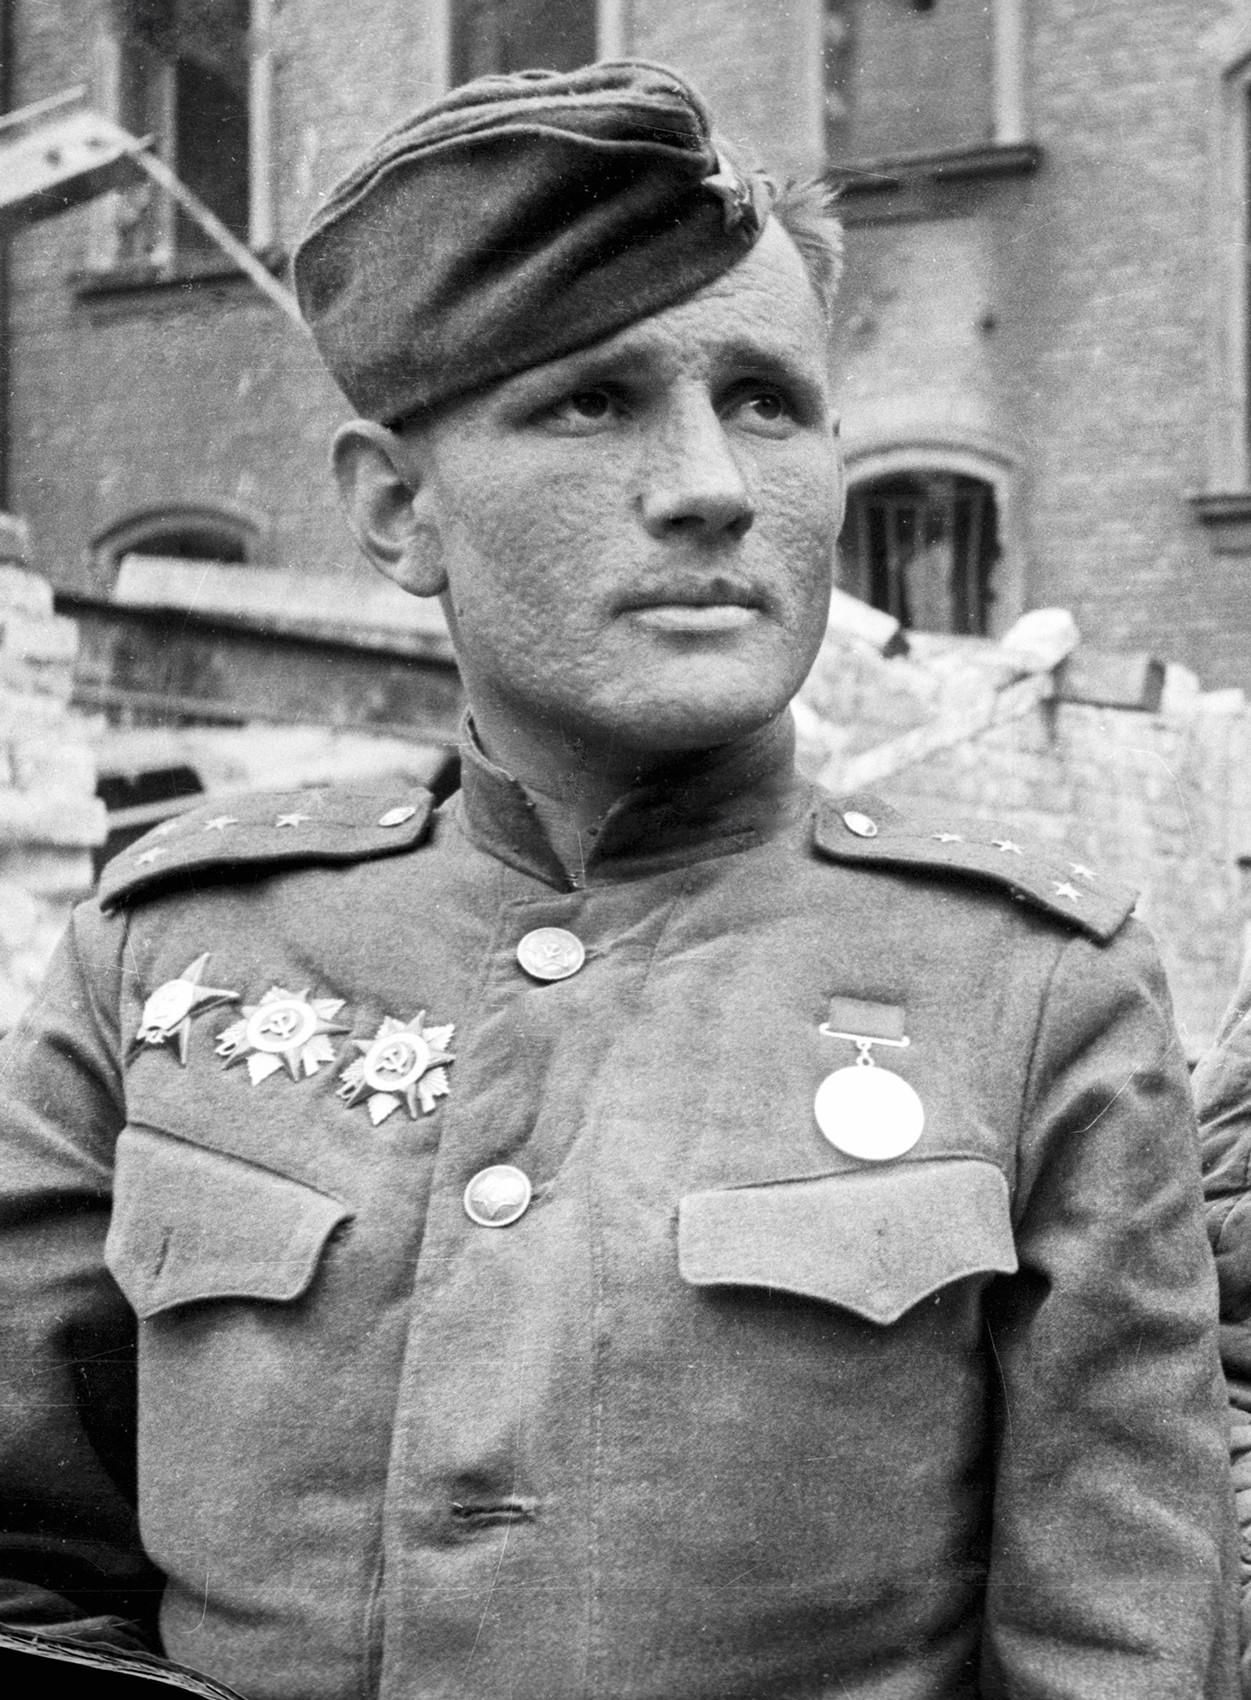 Il capitano Stepan Neustroev che diede l'incarico di piazzare la bandiera